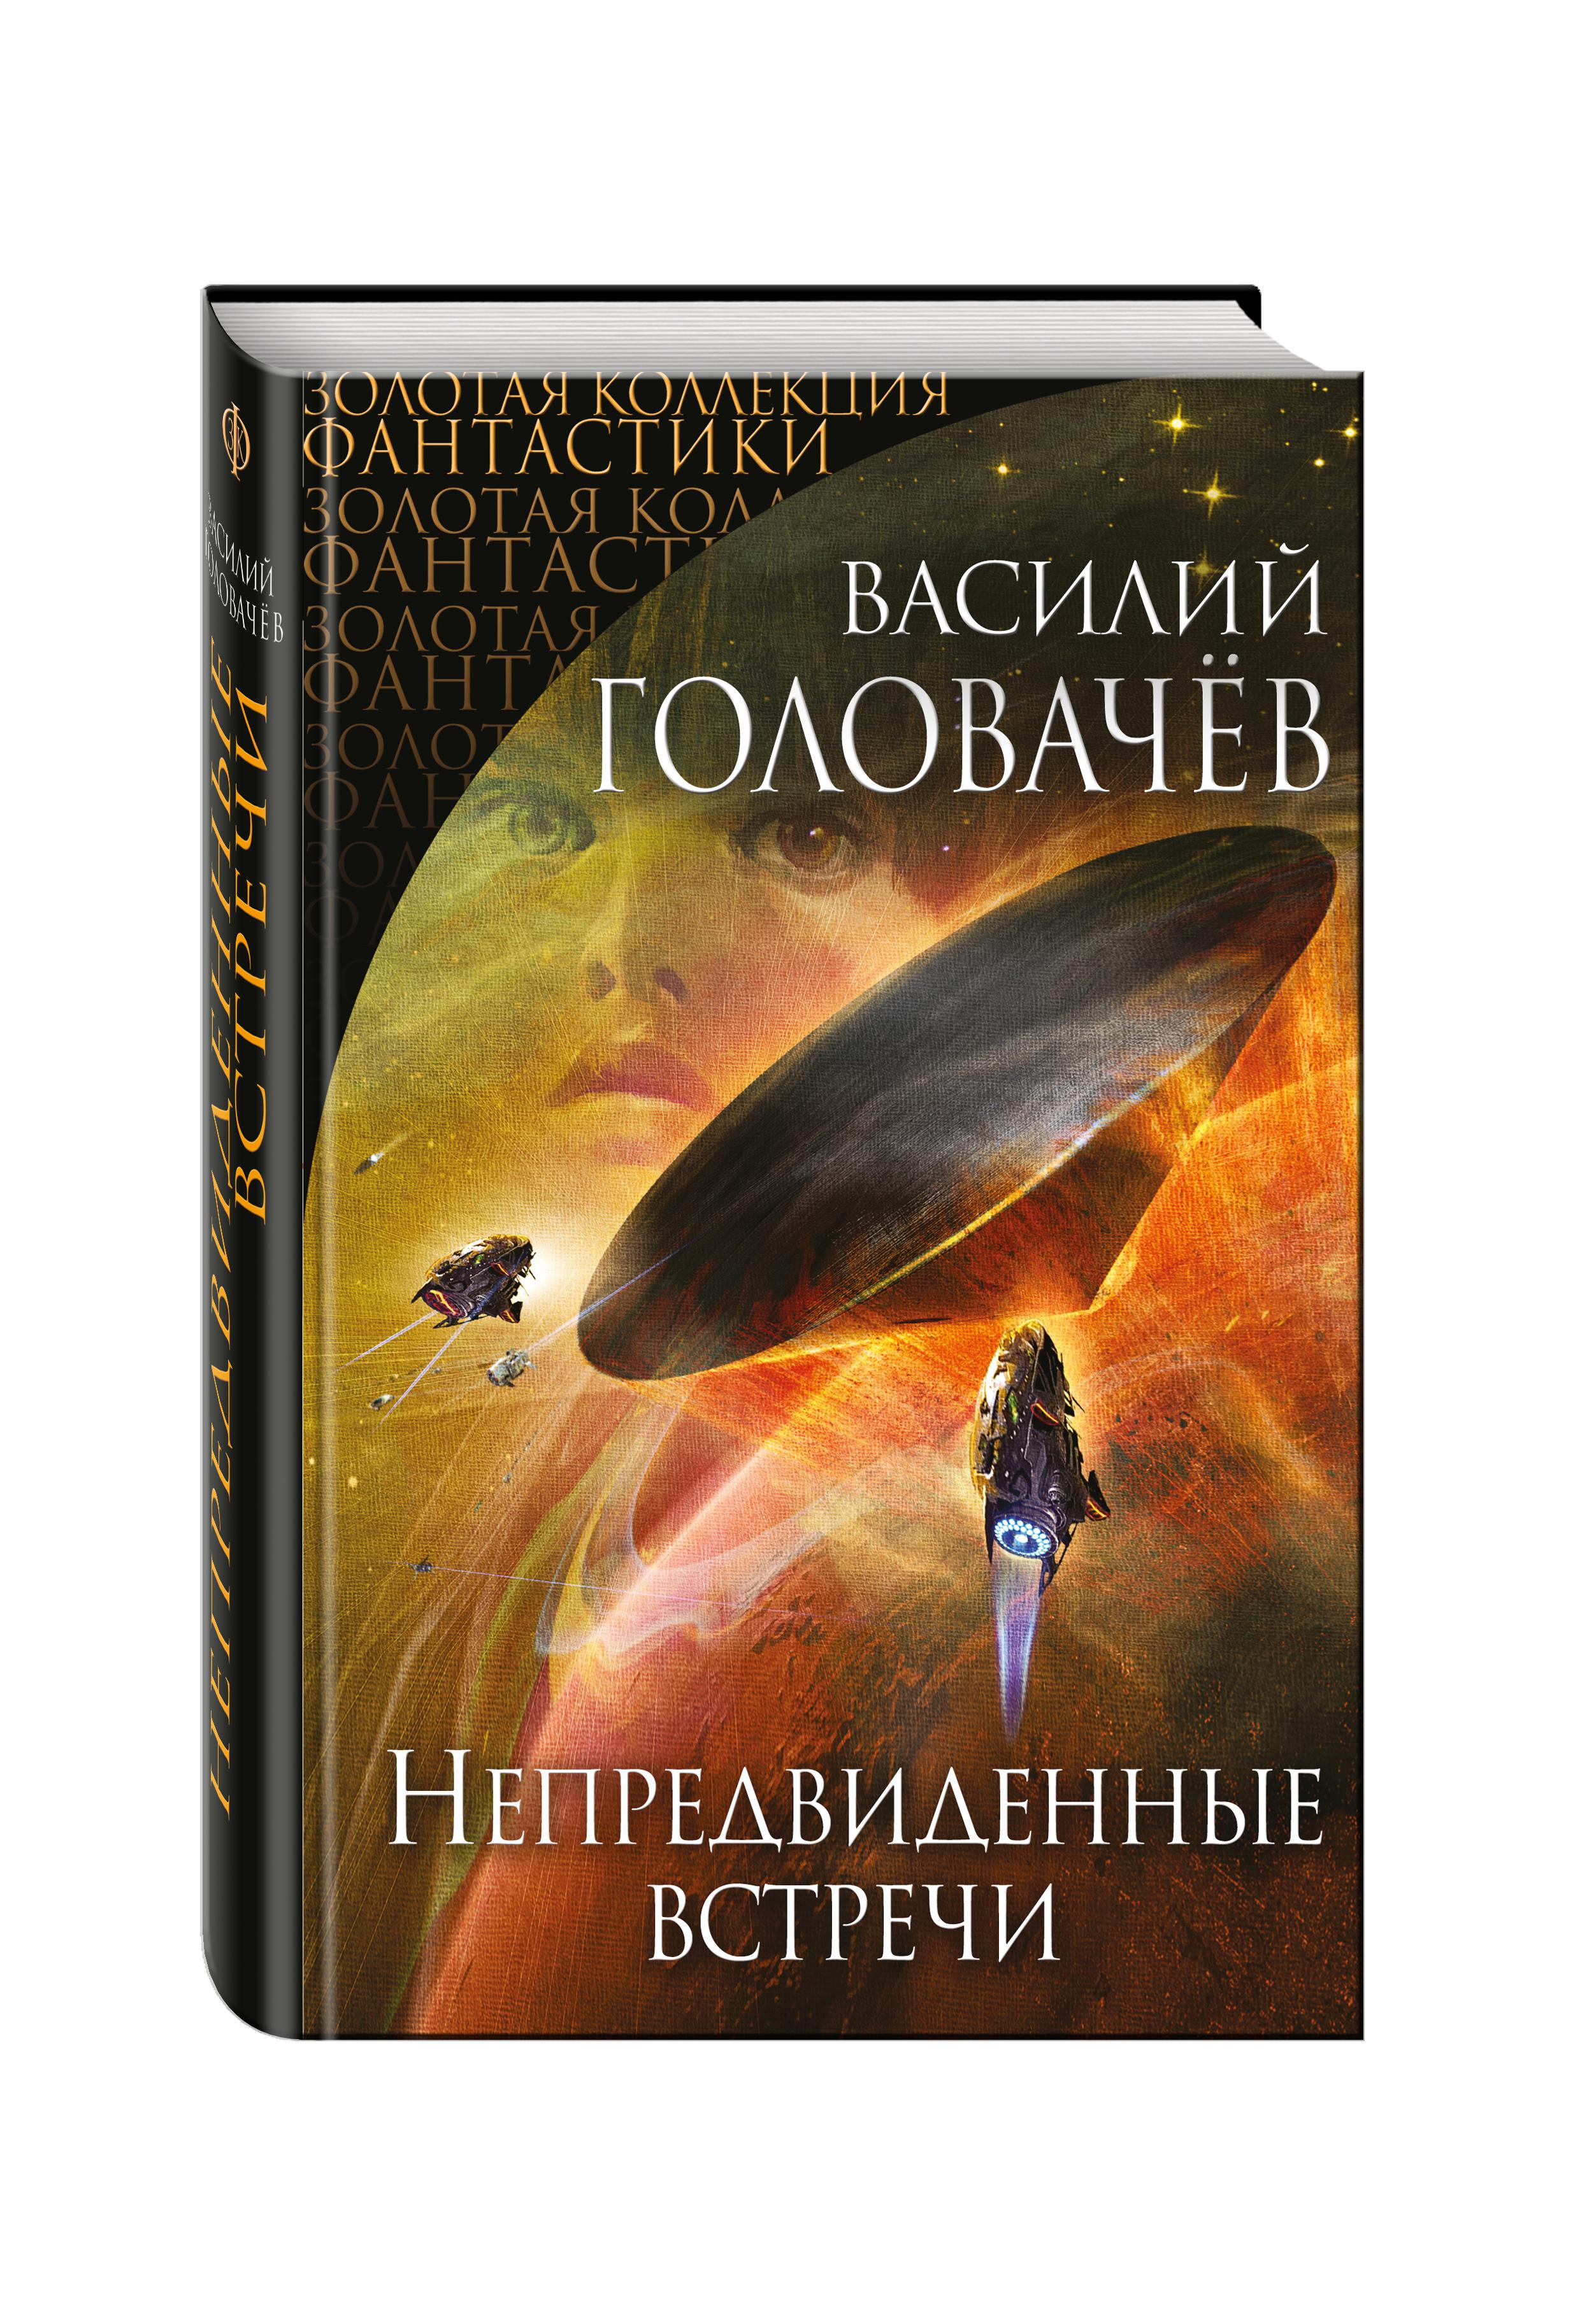 Василий Головачёв Непредвиденные встречи василий головачев марсианский корабль